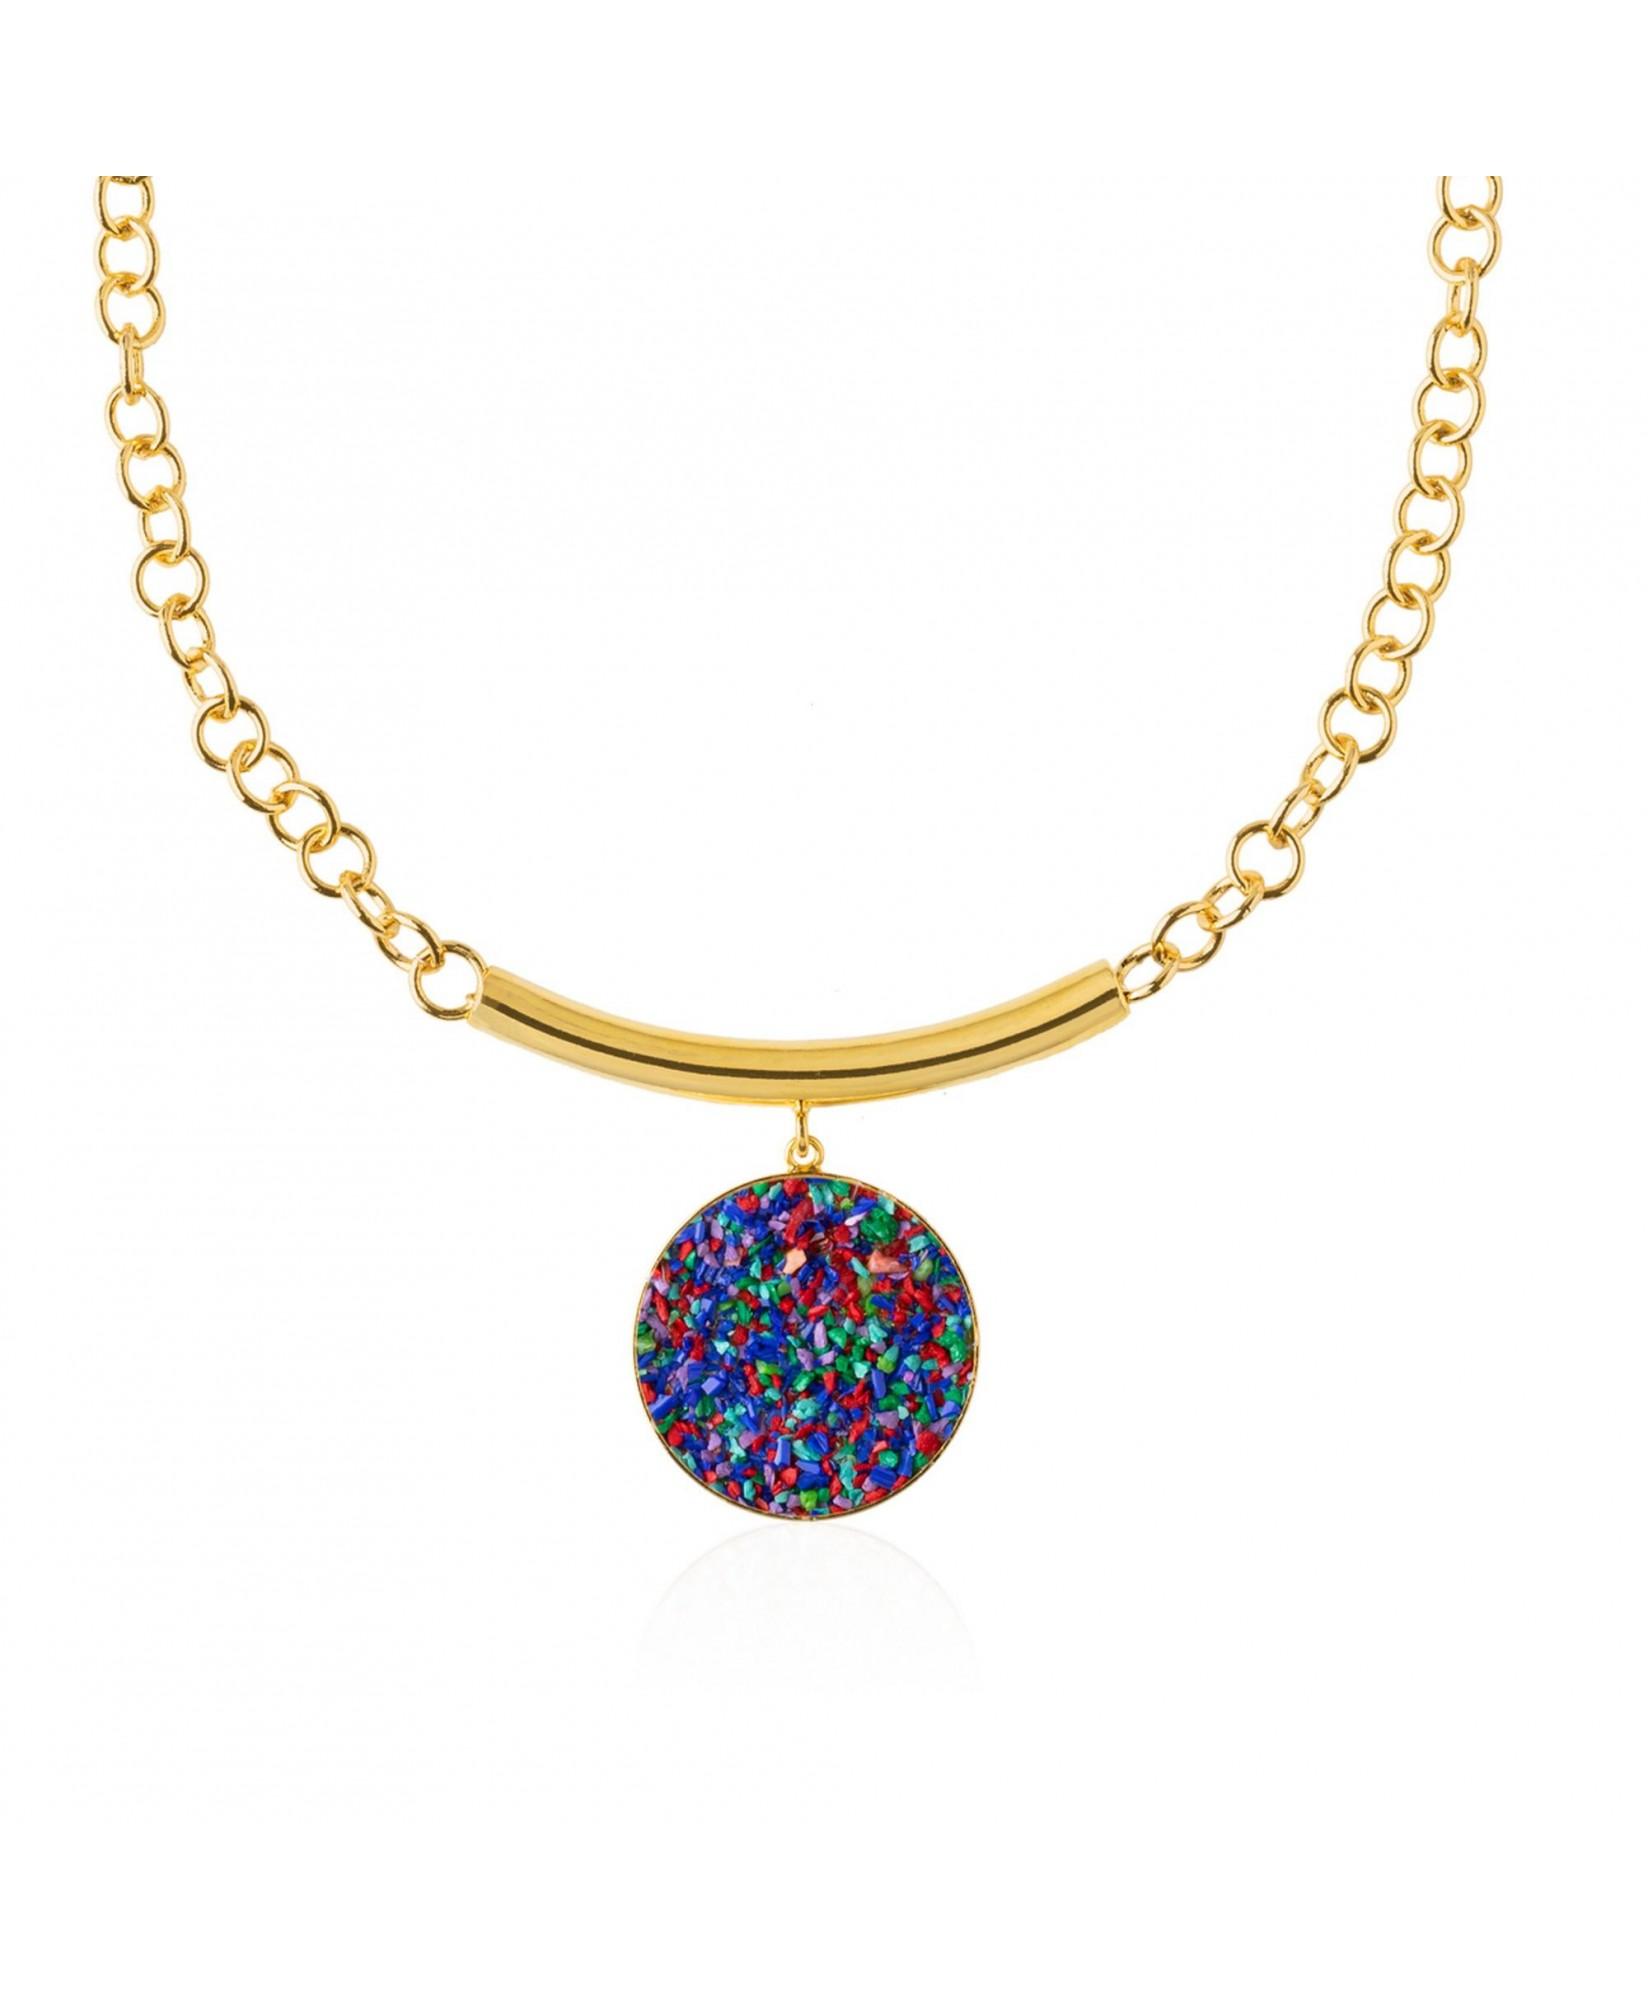 Collar oro con colgante Iris y nácar multicolor Collar oro con colgante Iris y nácar multicolor